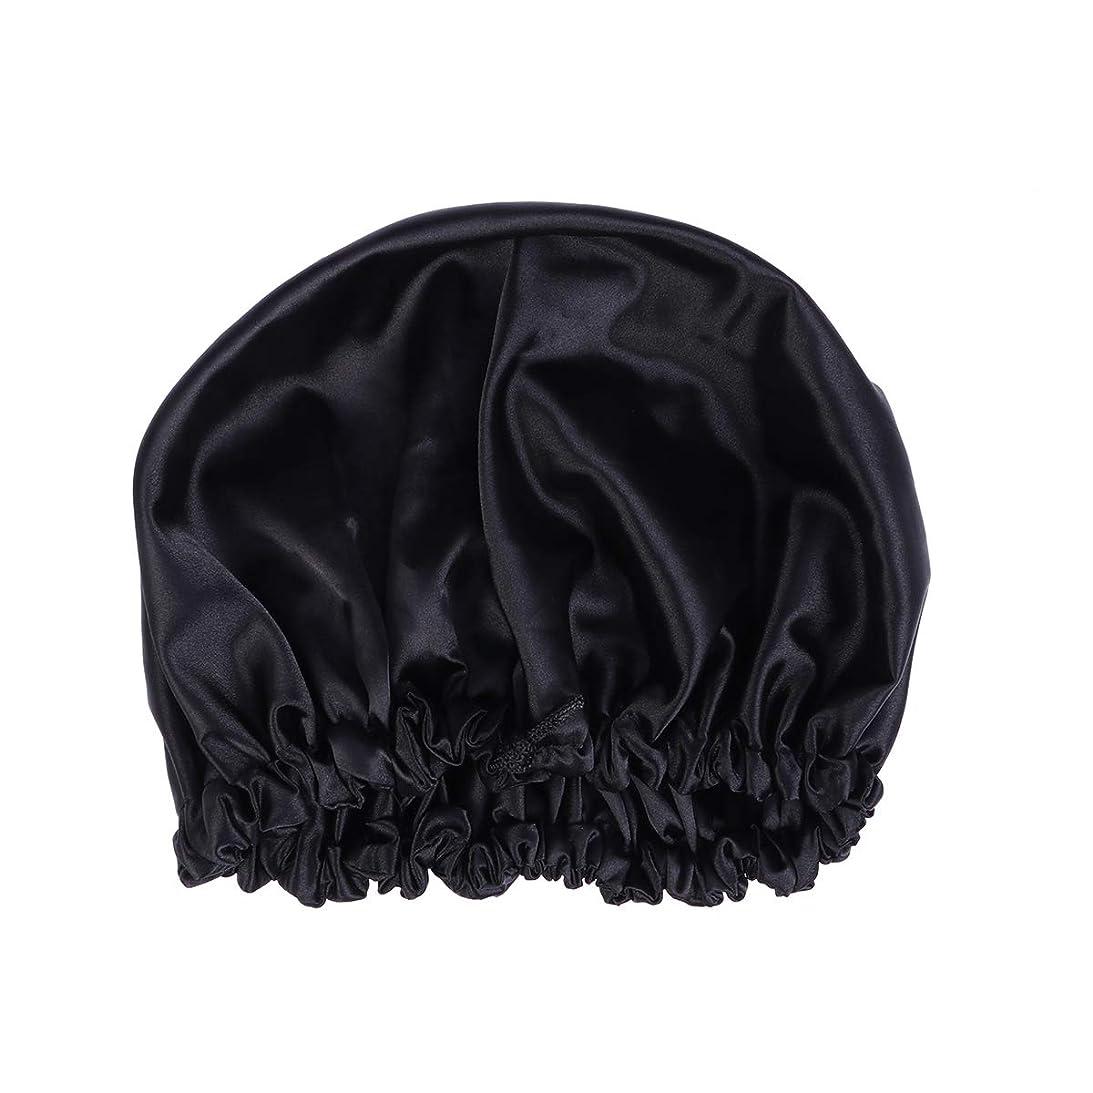 つまずく助けて差別化するHealifty ダクロンナイトスリーピングキャップボンネット帽子(黒)